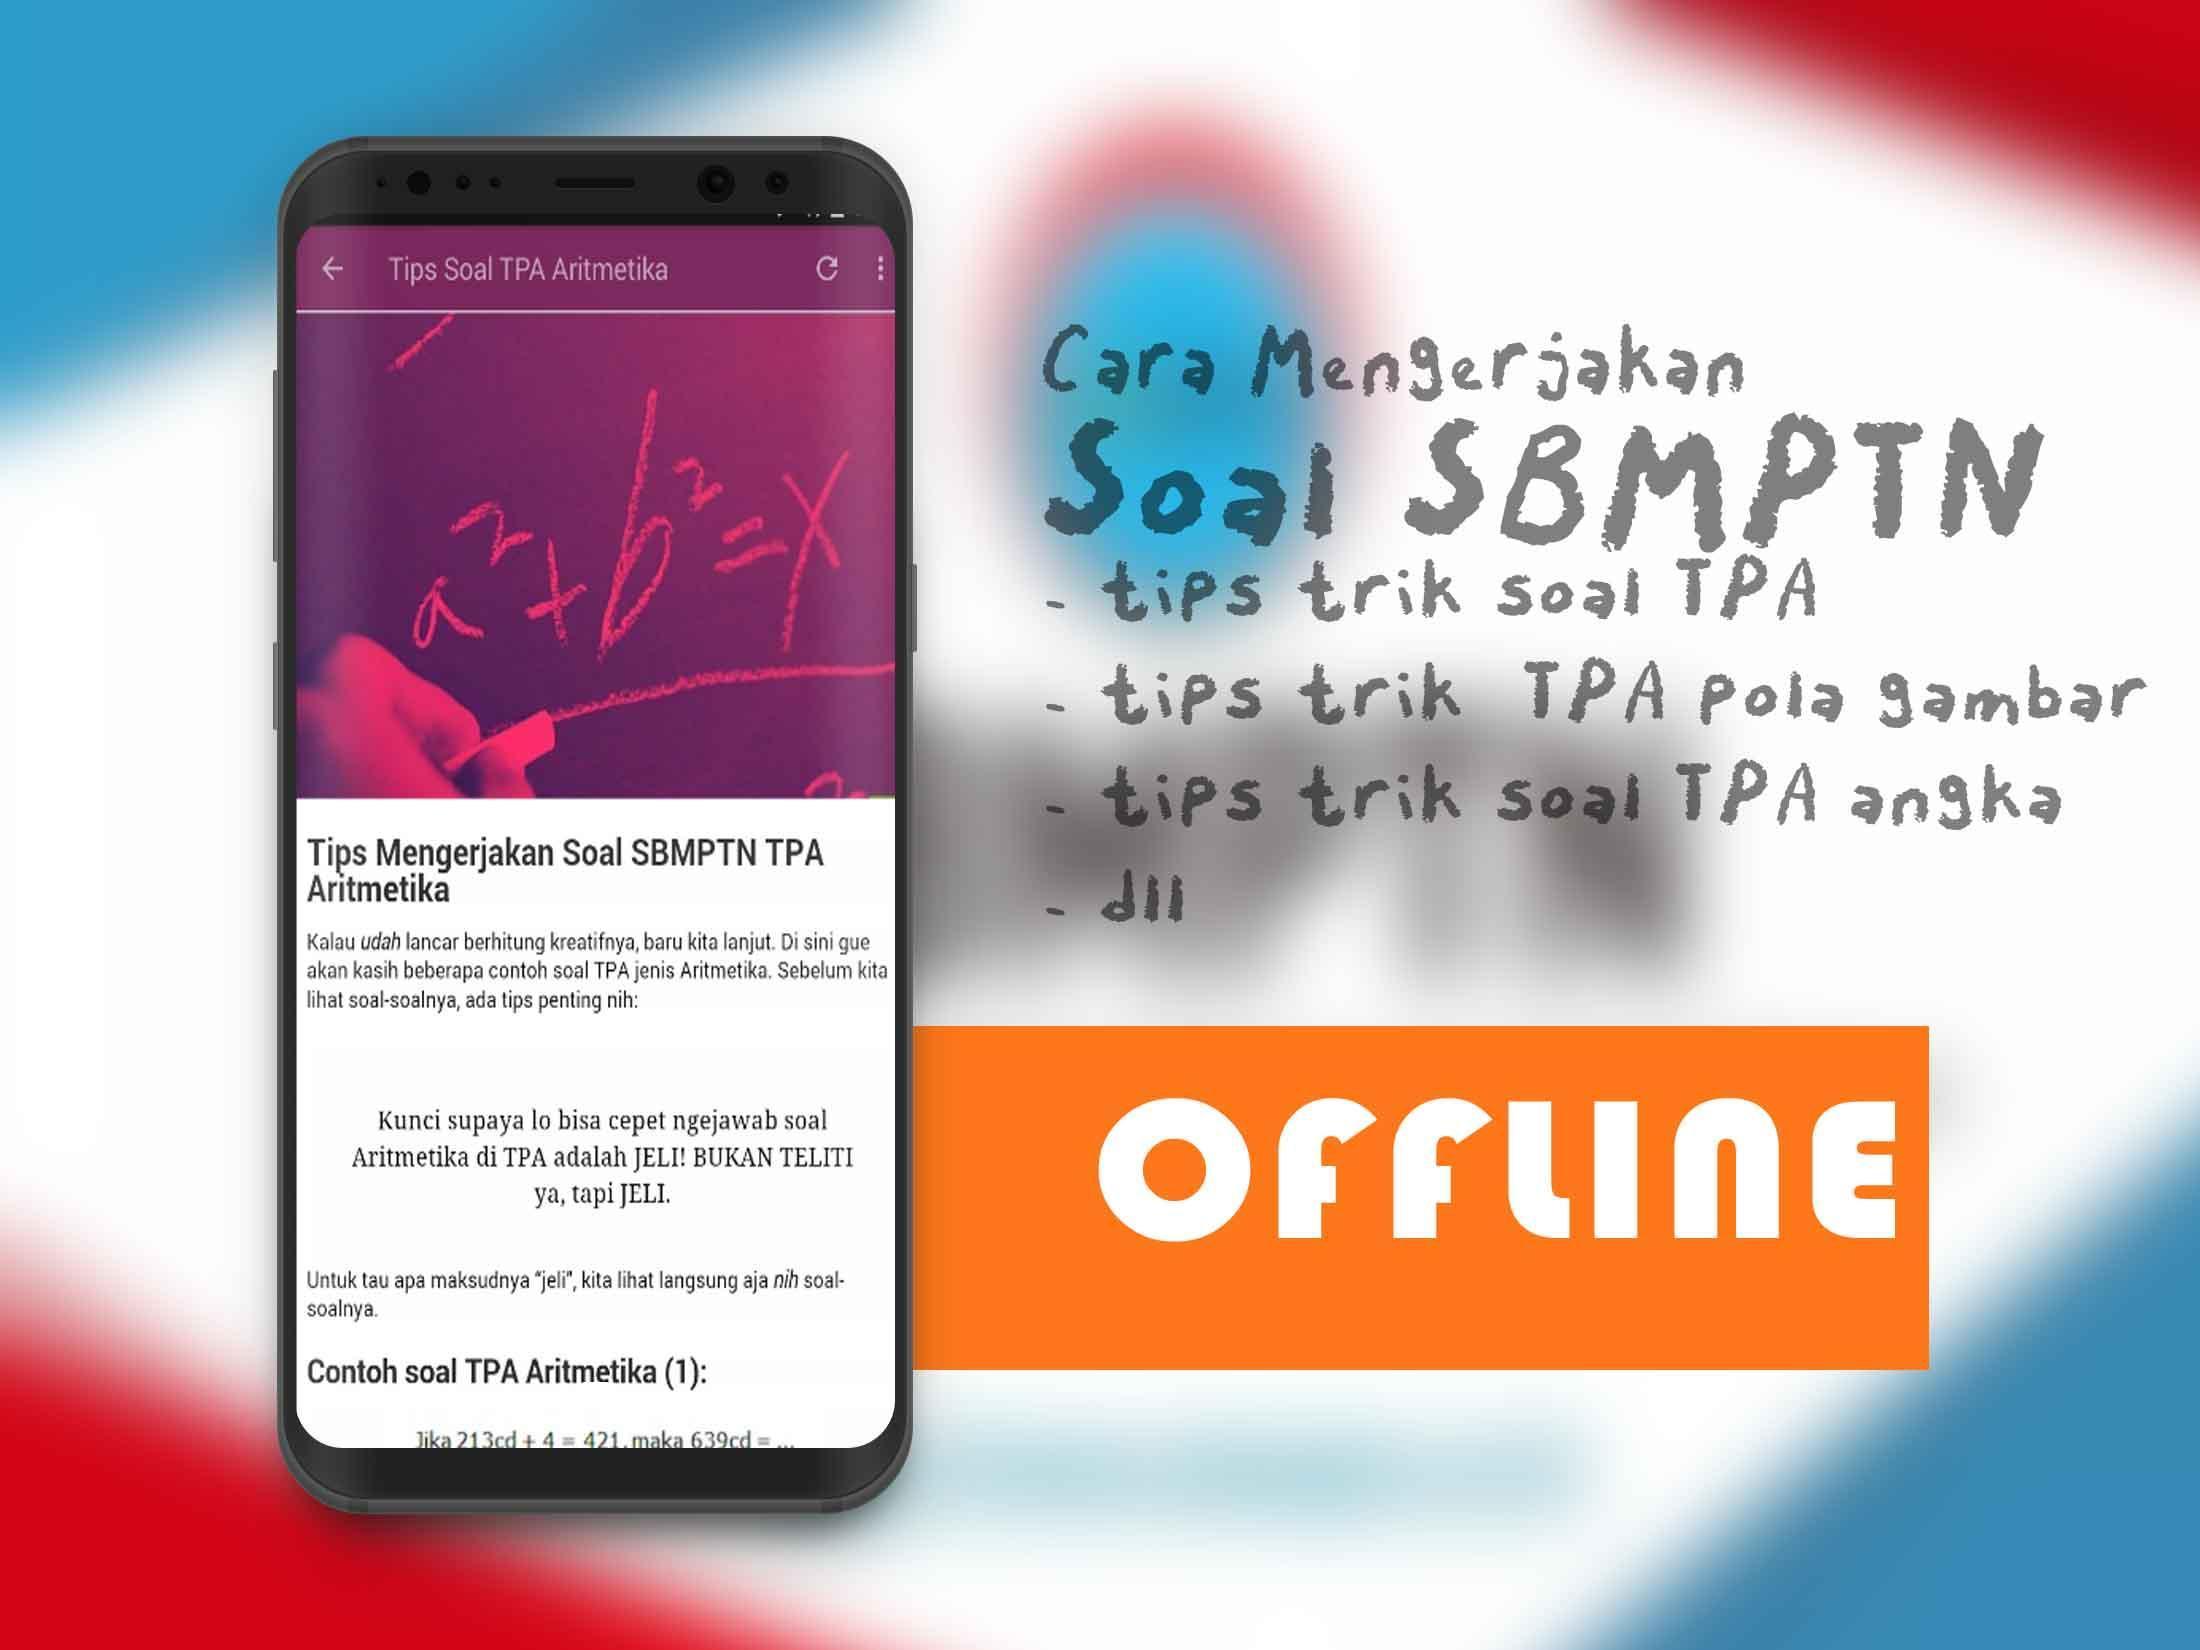 Cara Mengerjakan Soal Sbmptn For Android Apk Download